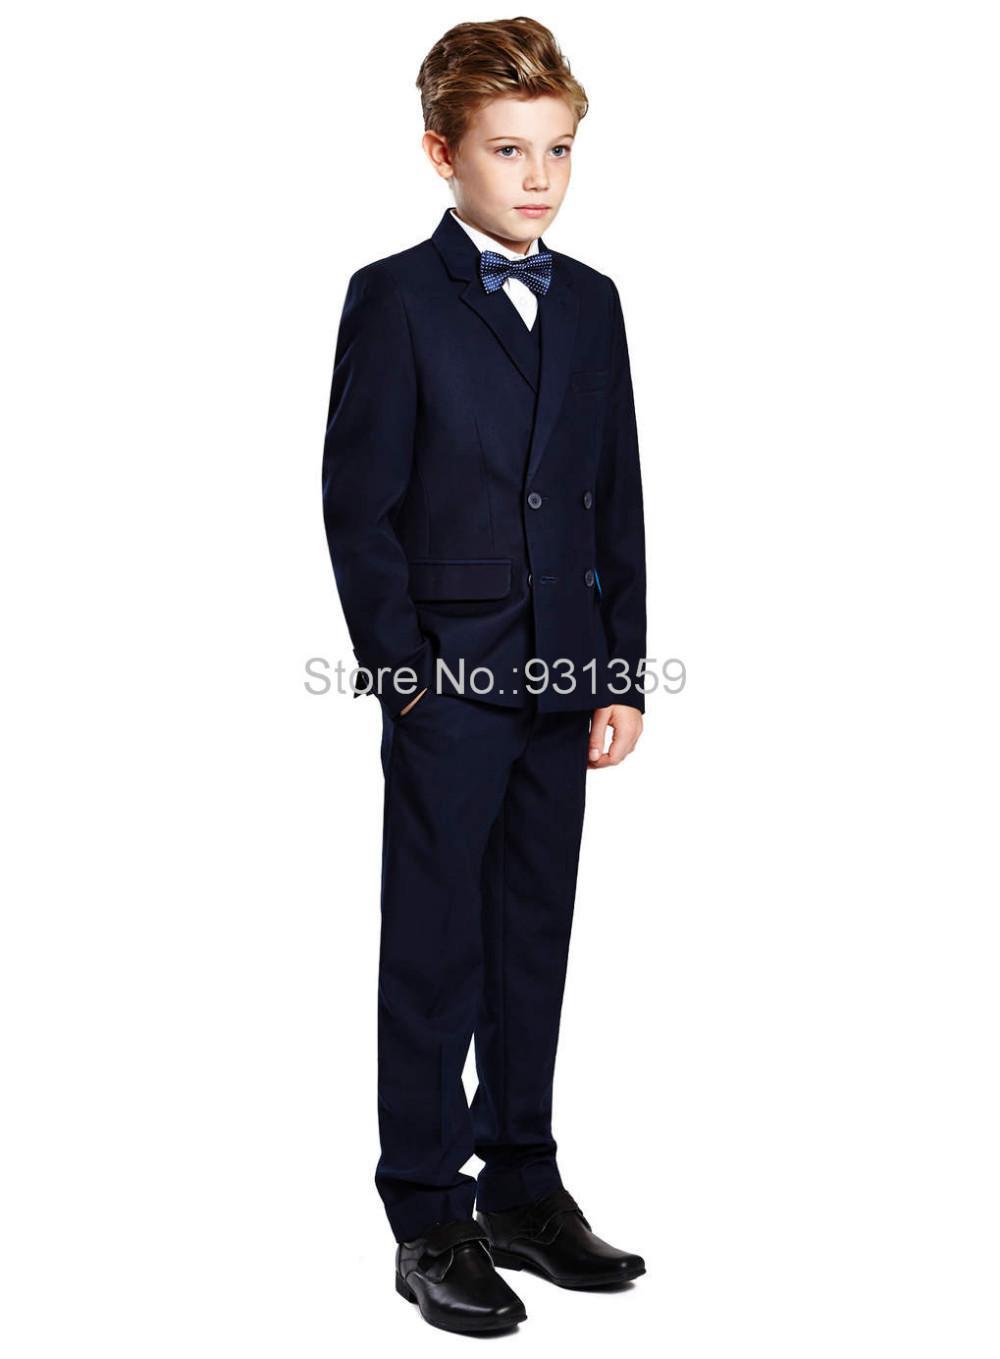 Boy's Formal Wear Double-Breasted Navy Blue Peak Lapel Formal ...